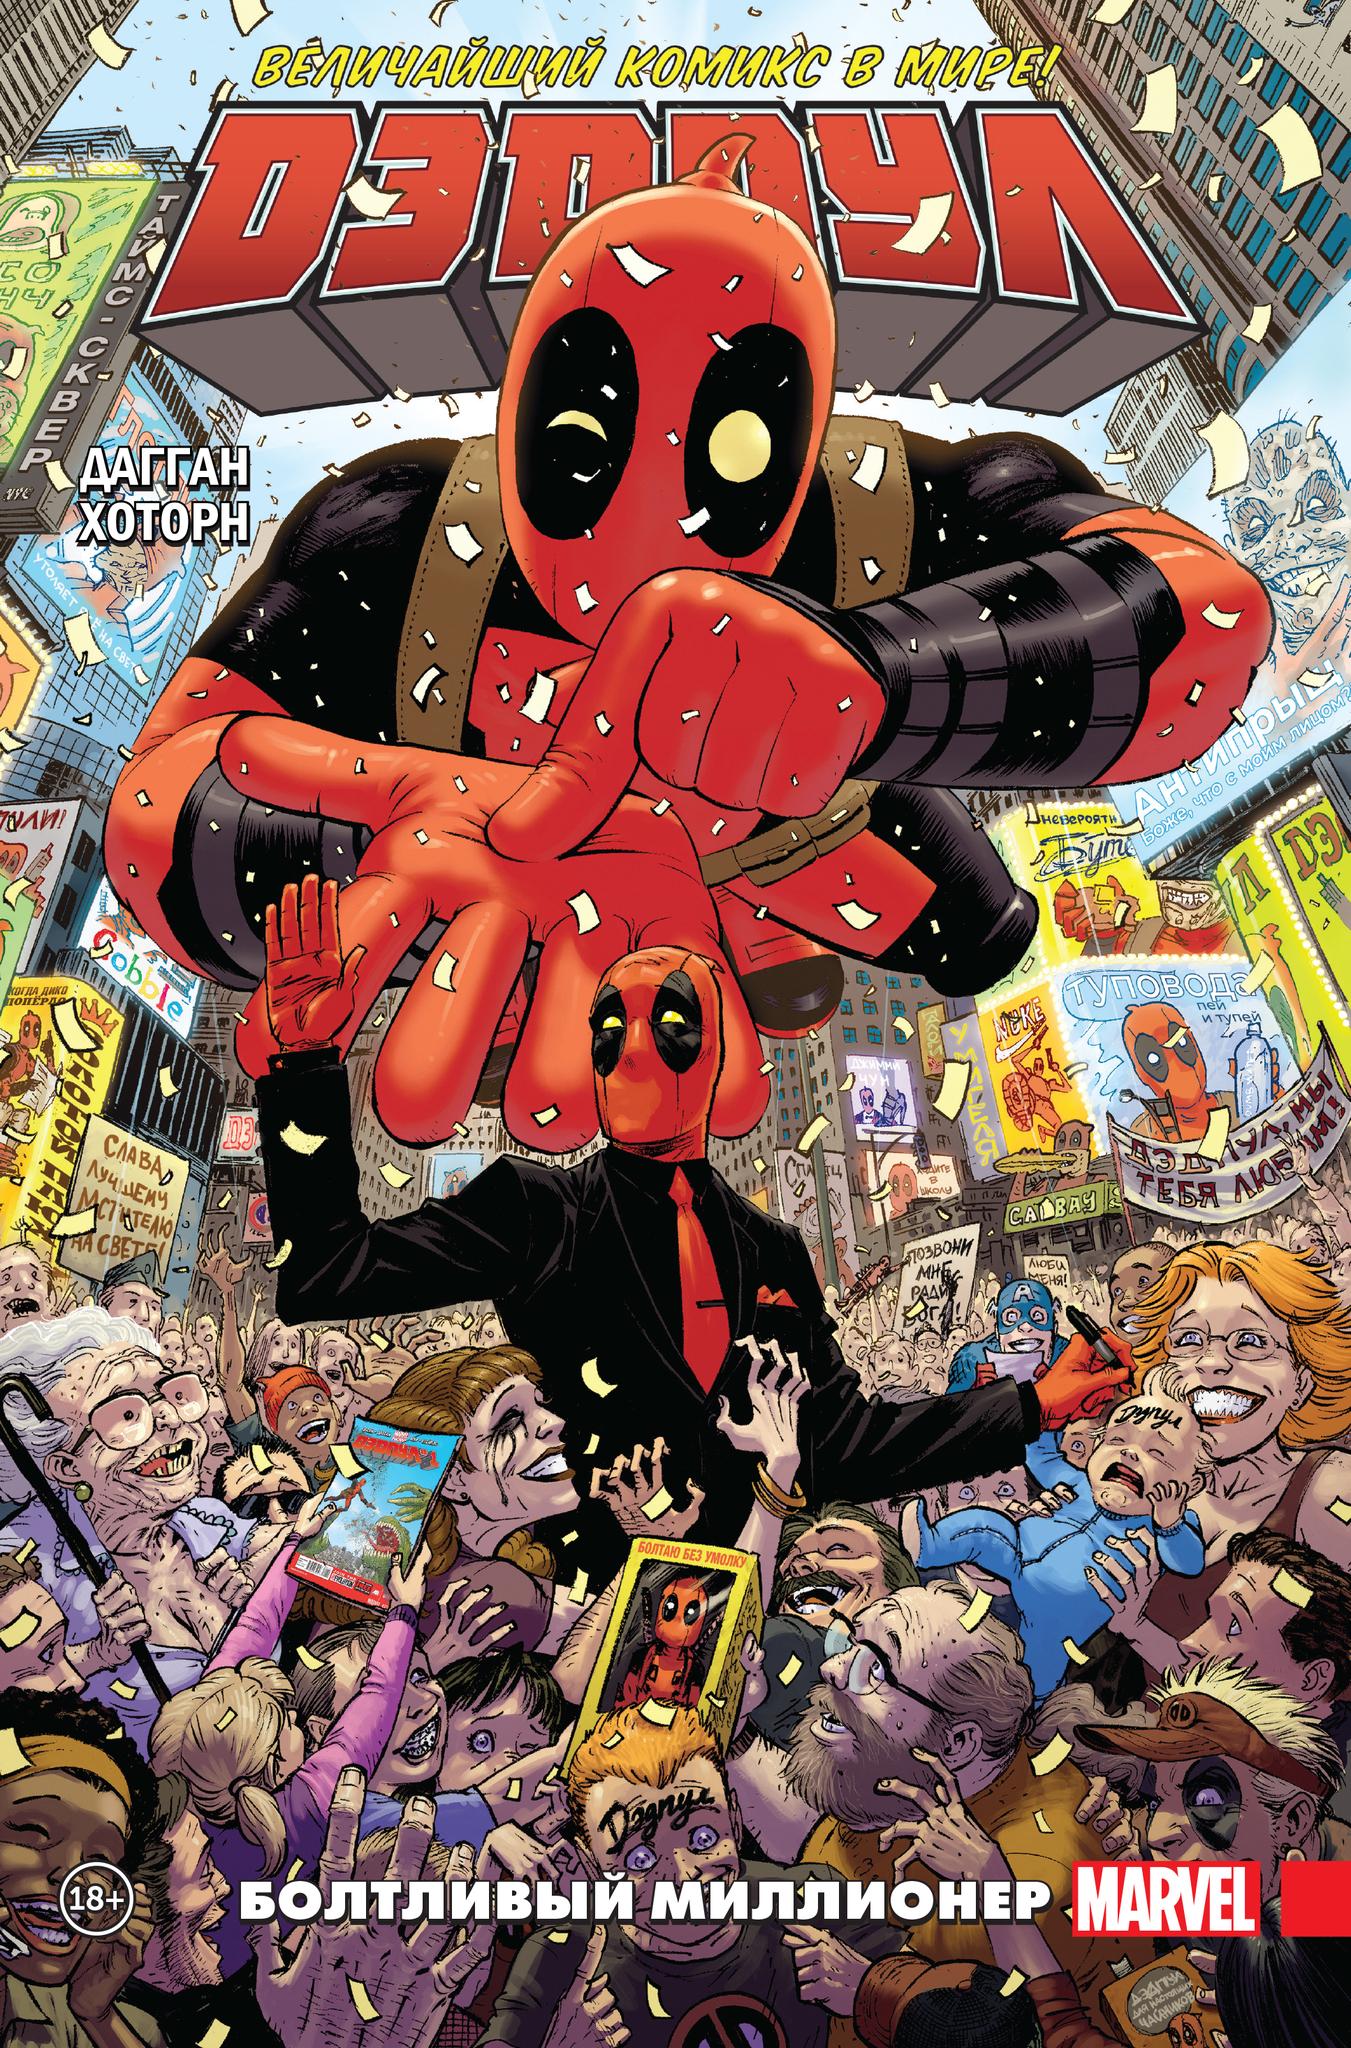 Джерри Дагган Комикс Дэдпул: Величайший комикс в мире! Болтливый миллионер. Том 1